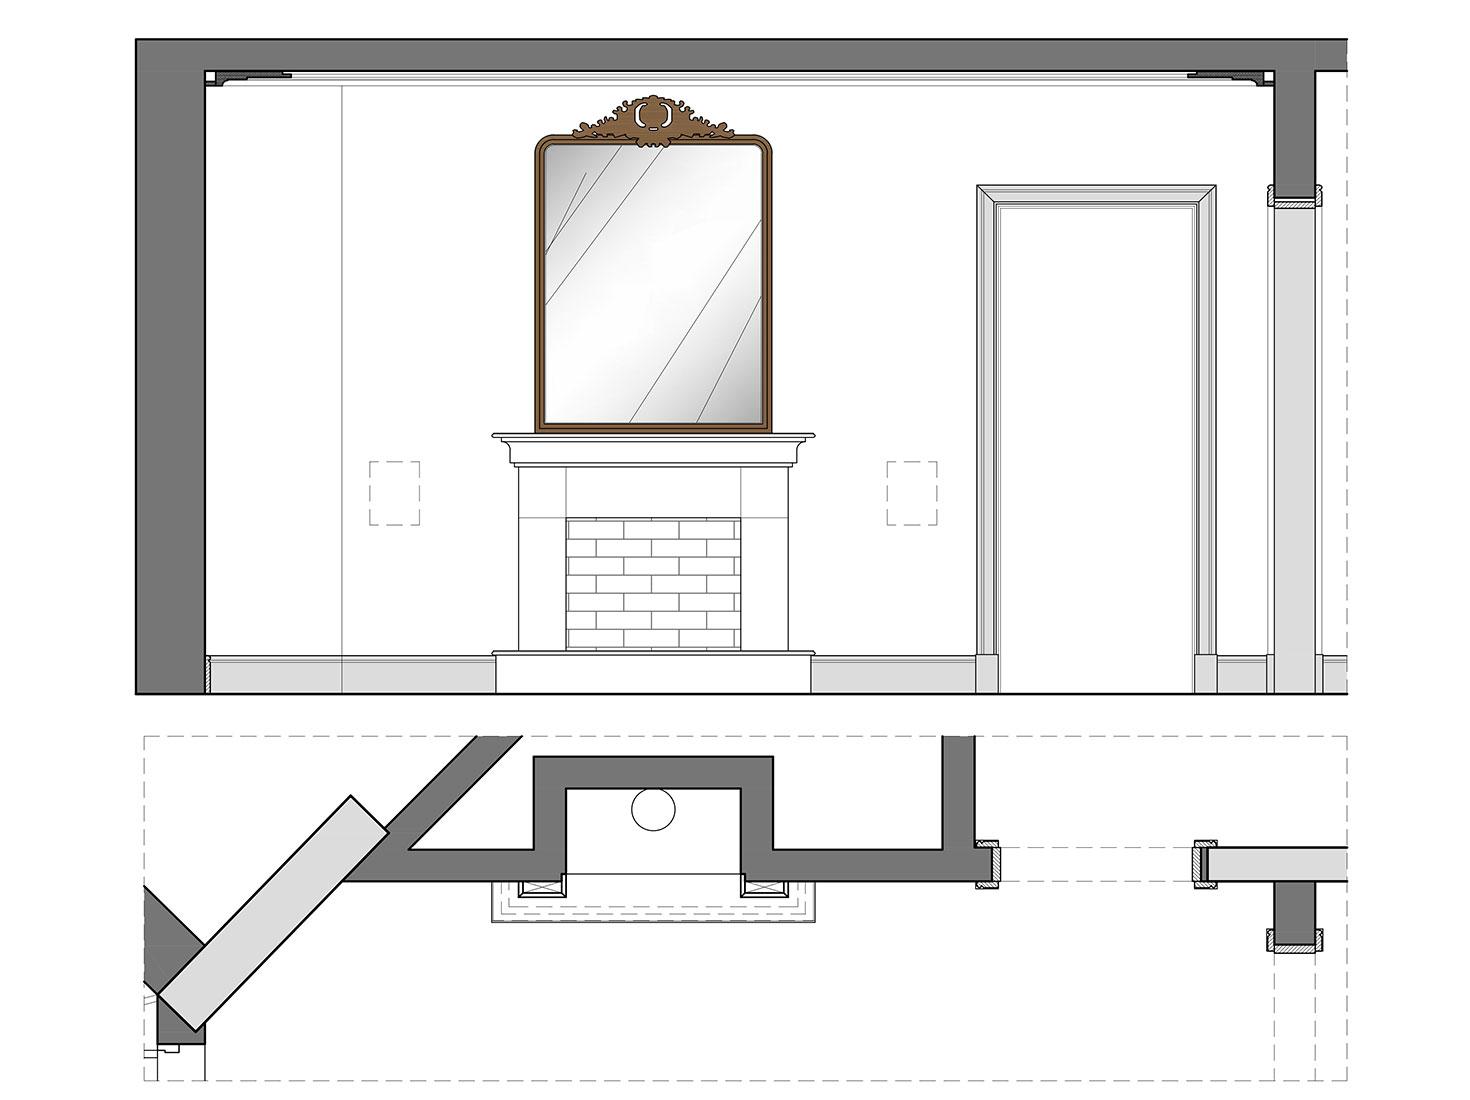 Планировка квартиры фото